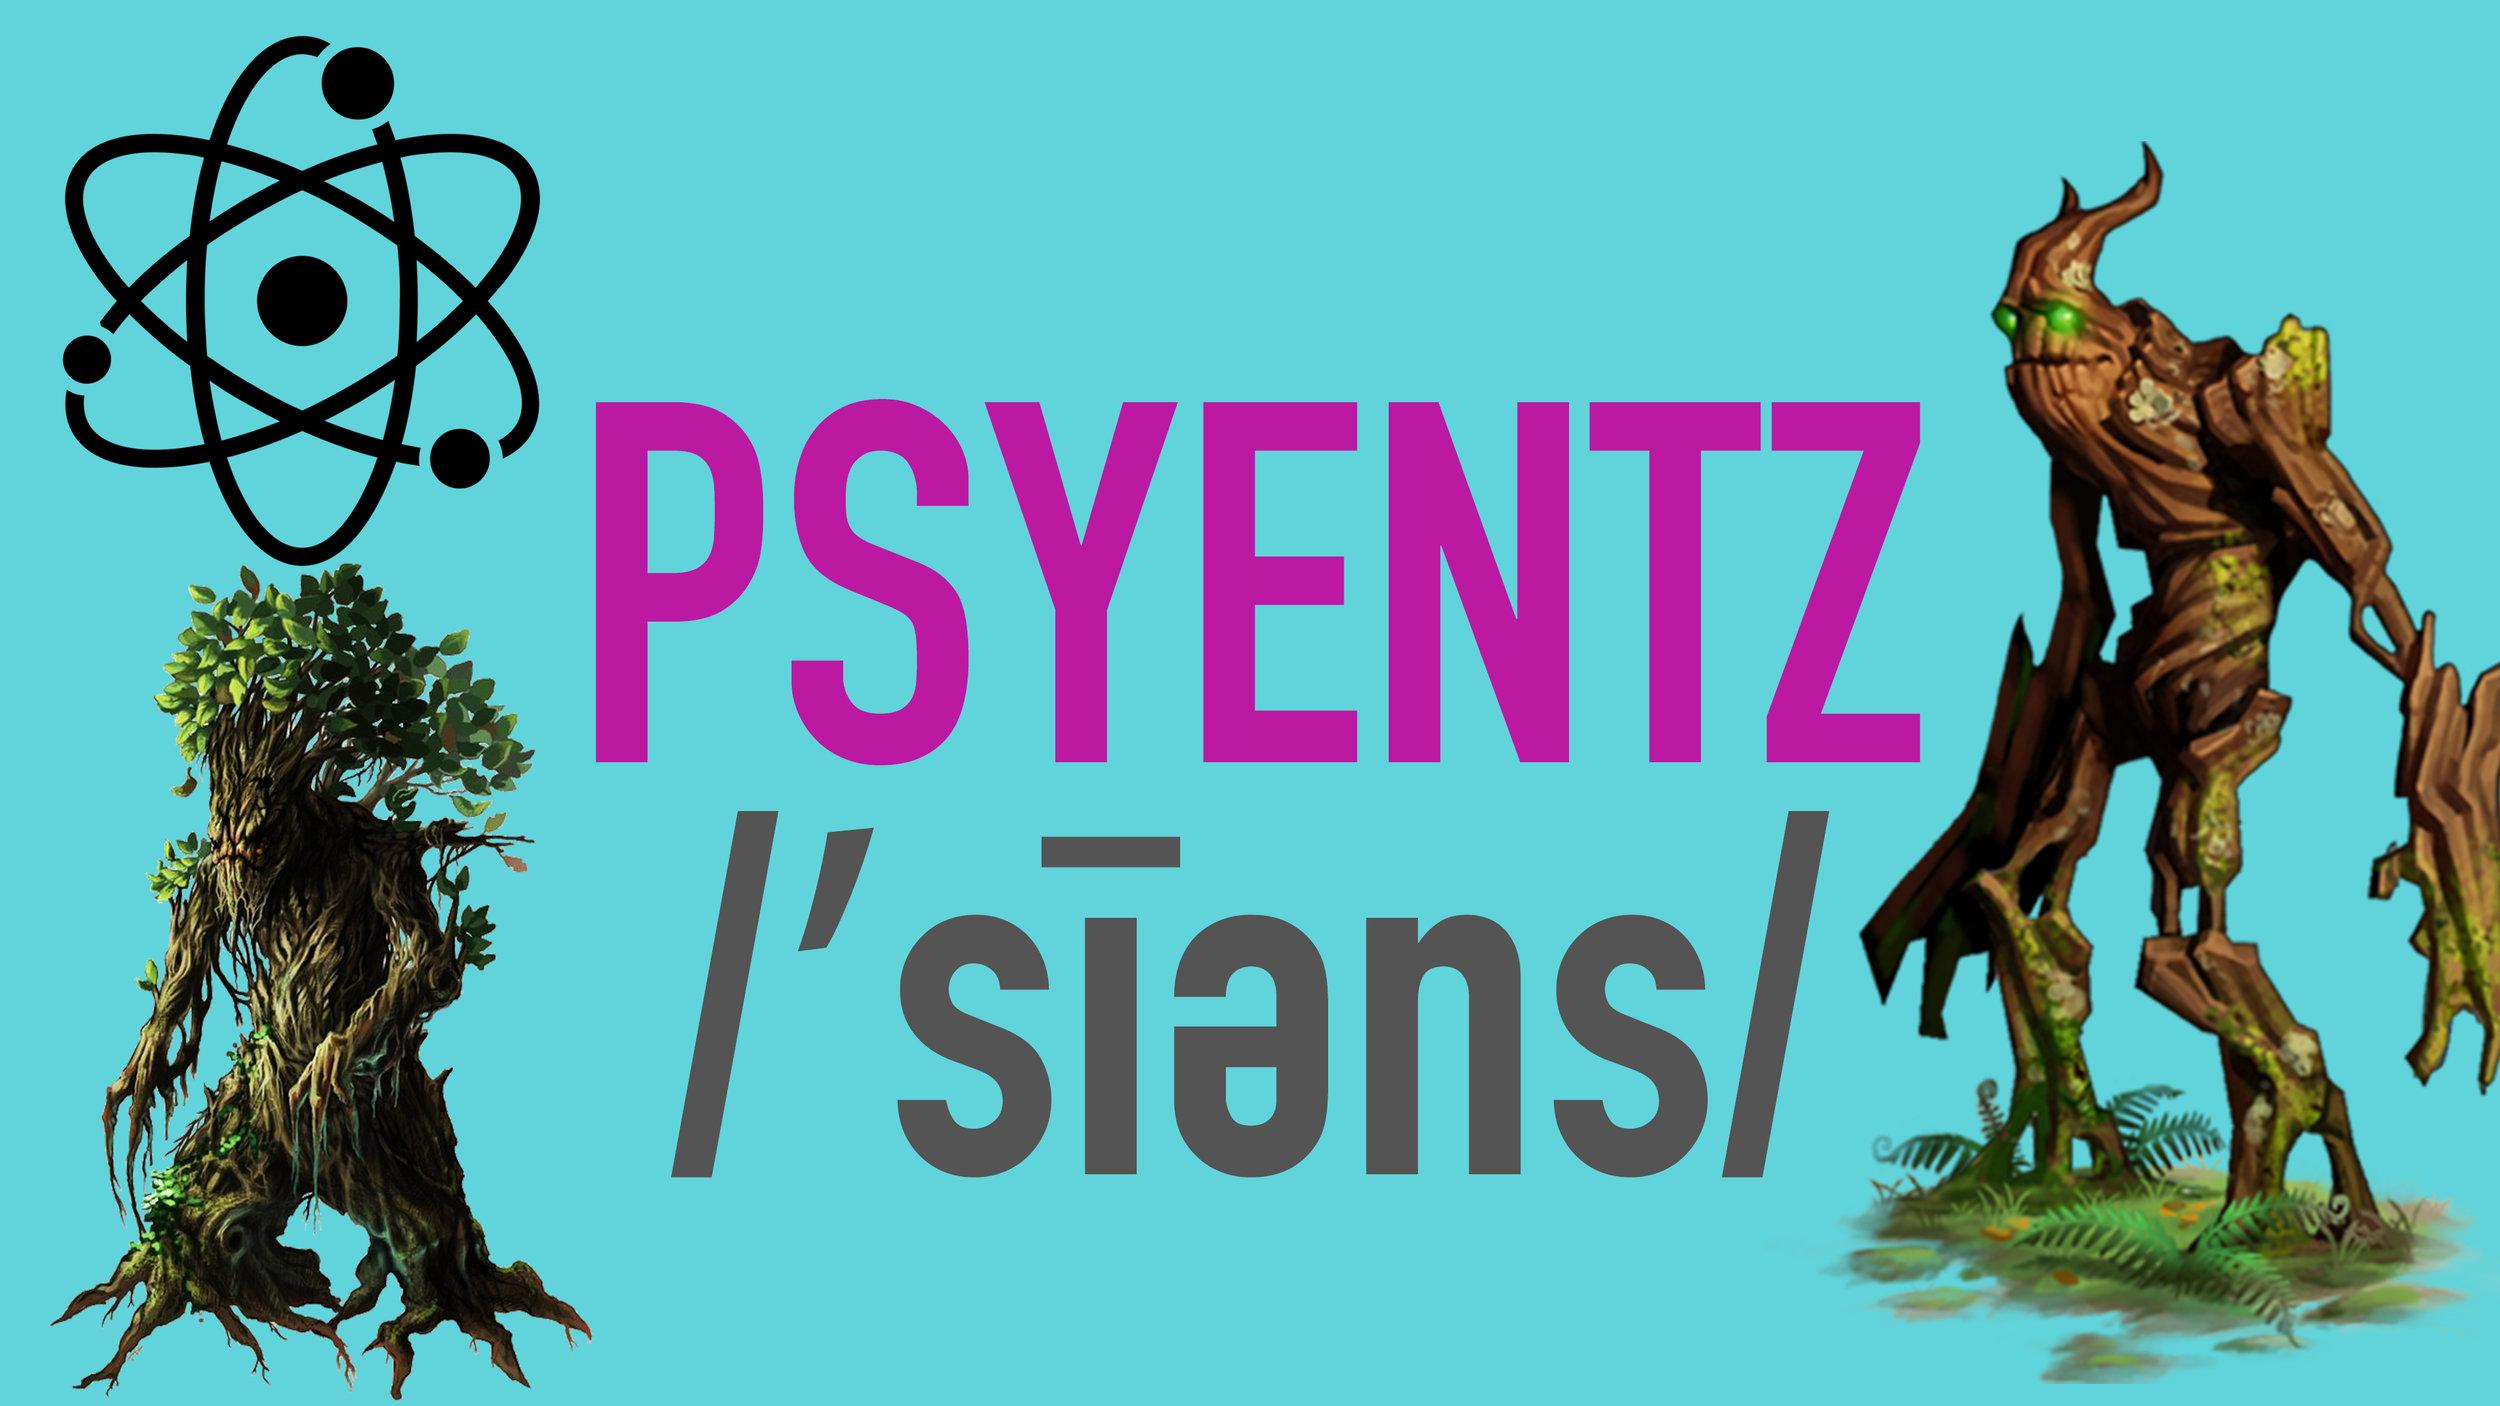 PSYENTZ.jpg